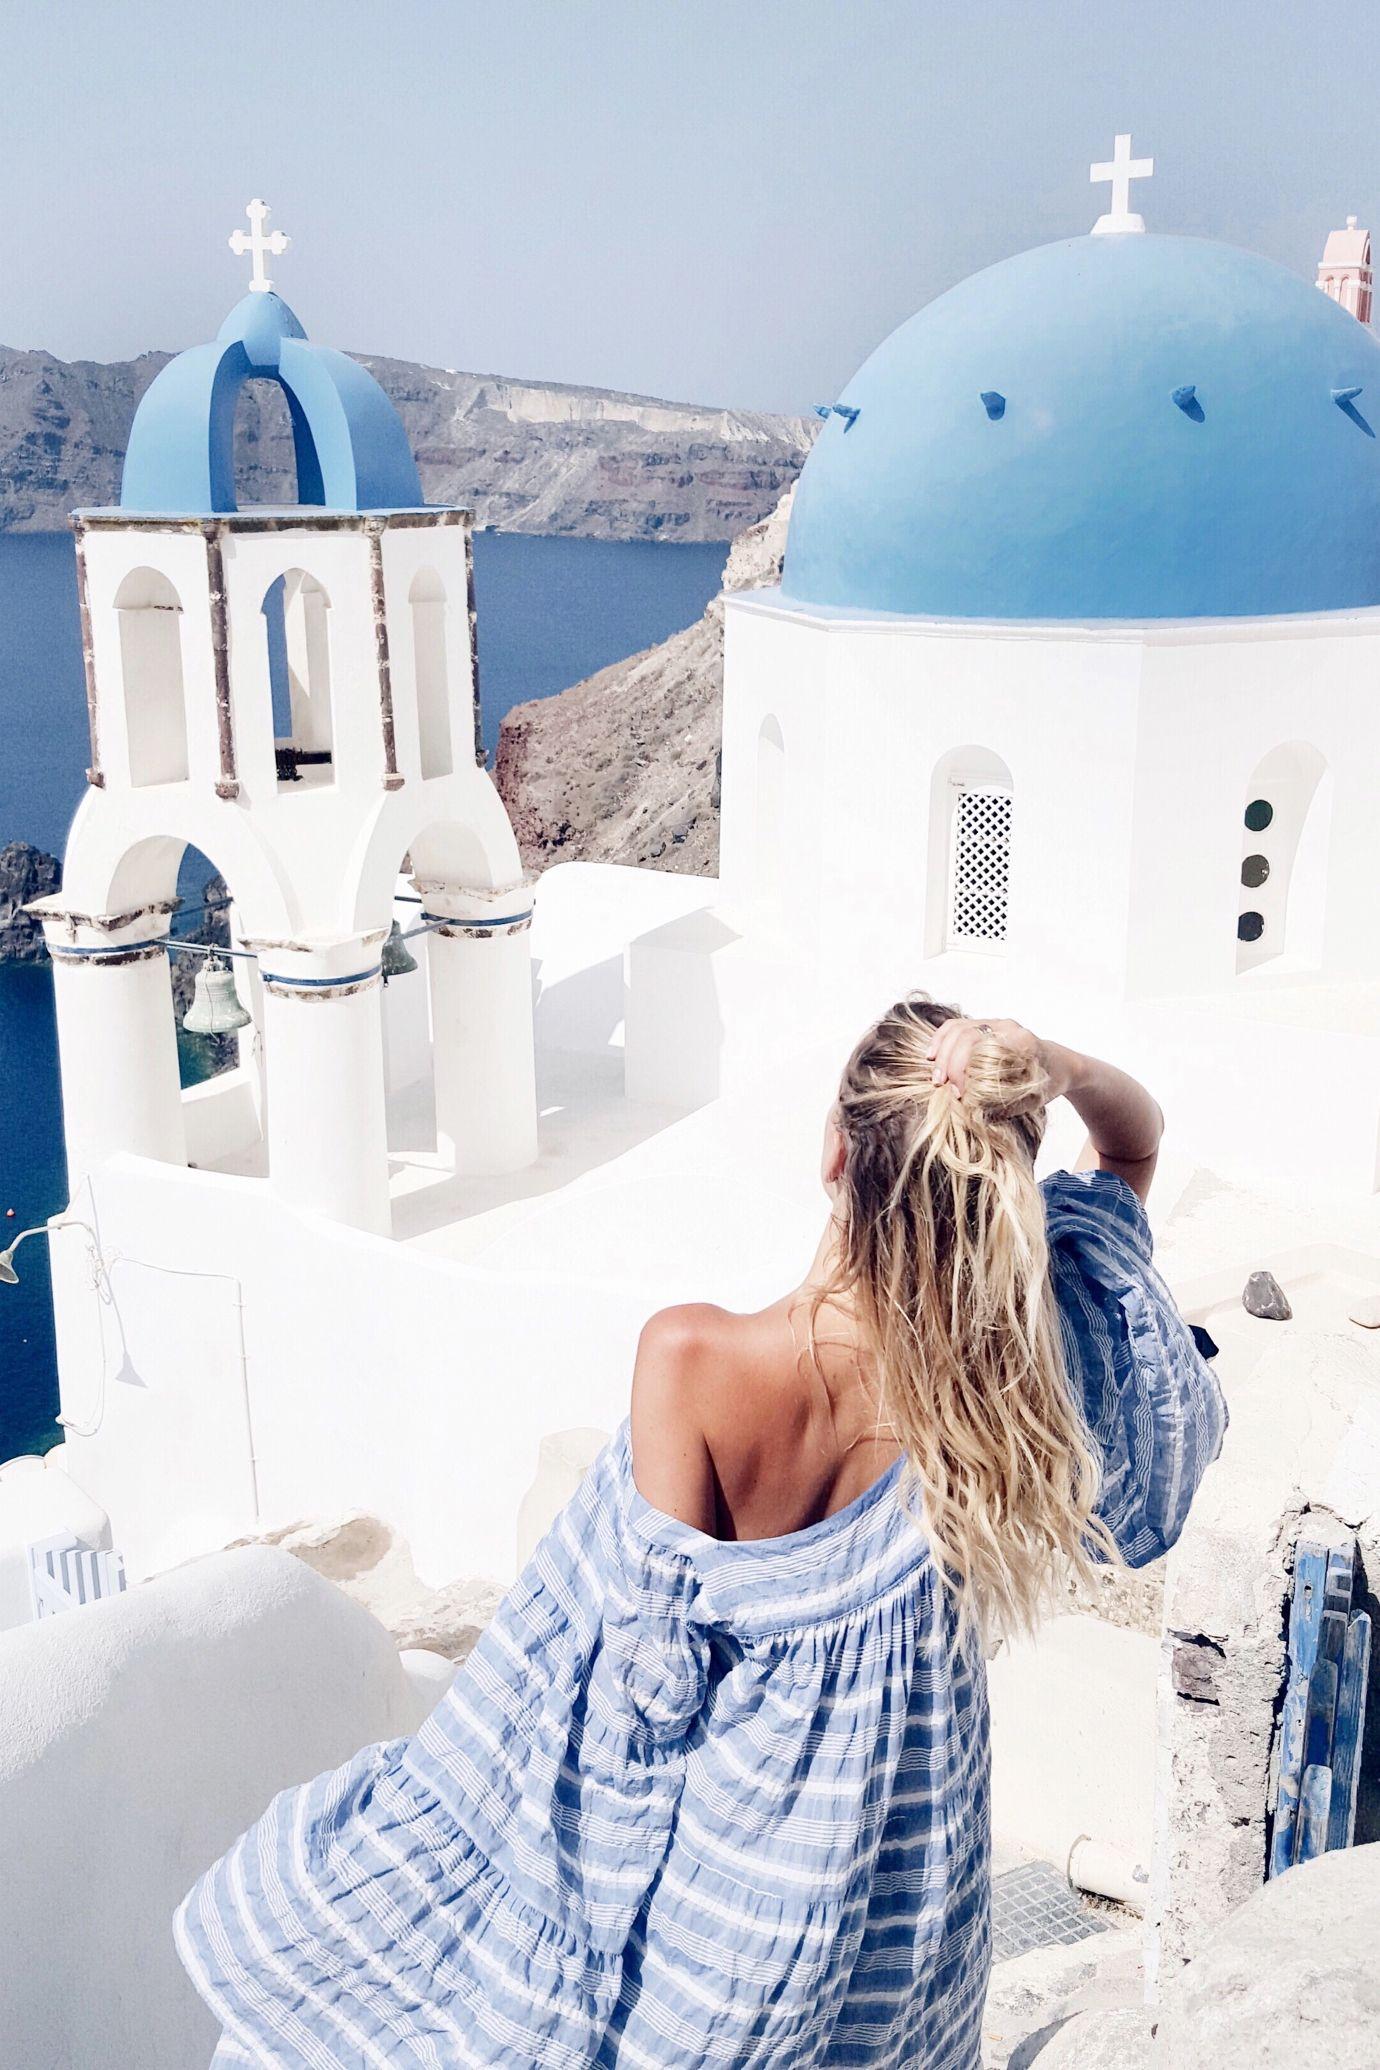 греция красивые картинки для инстаграм примеры статье